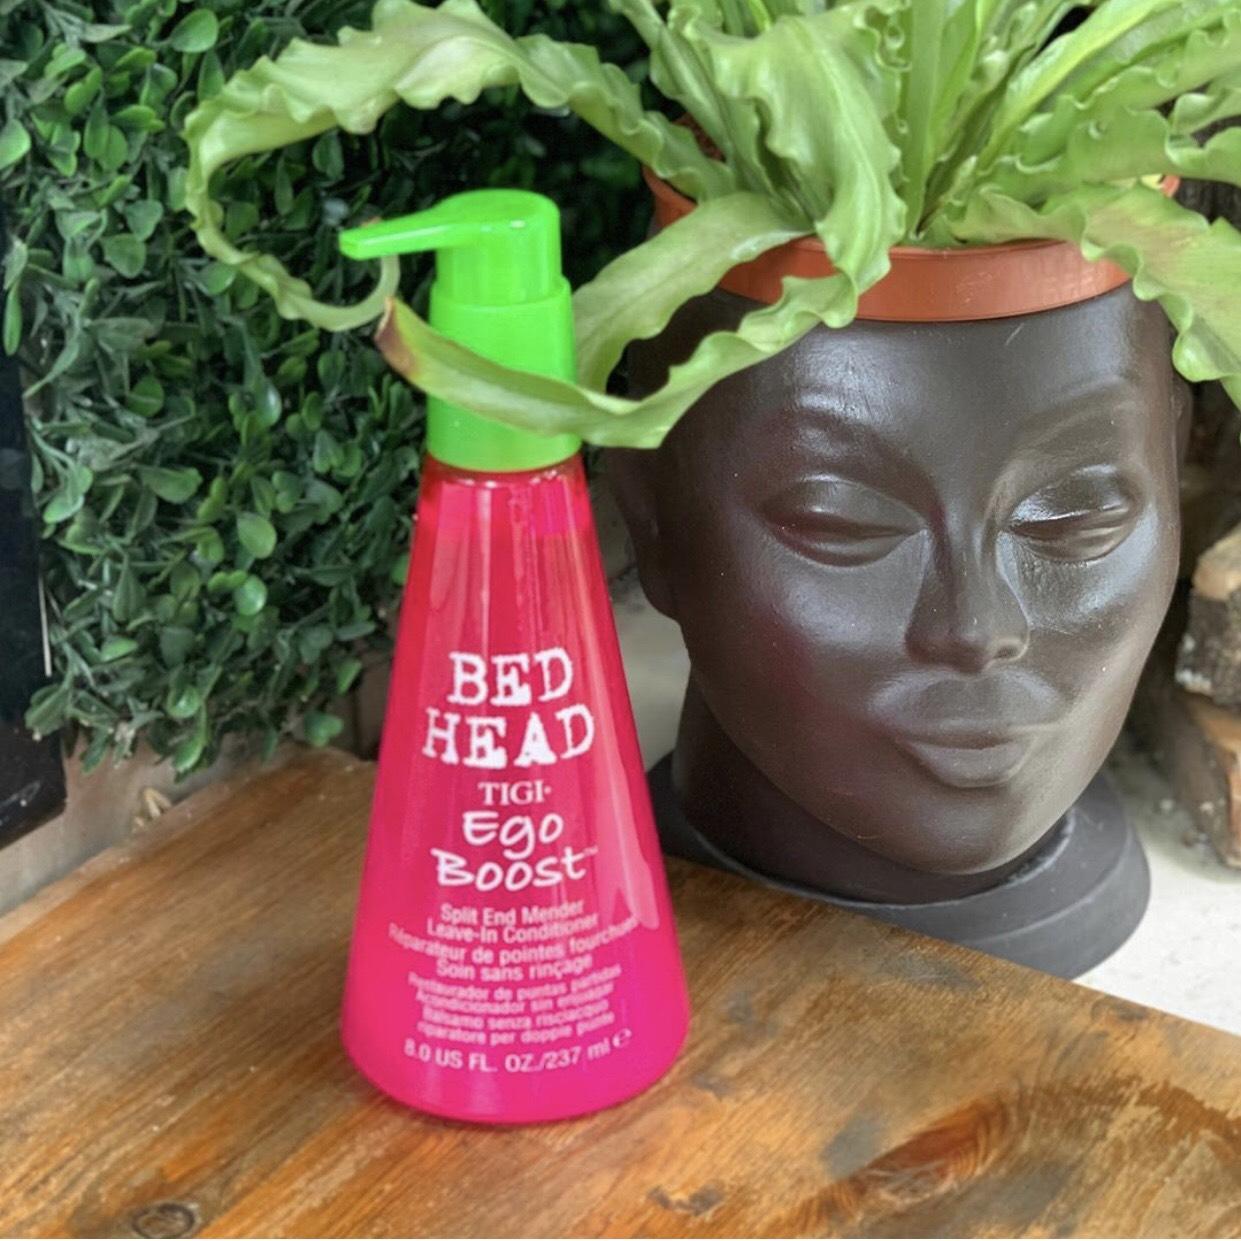 TIGI Bed Head Ego Boost Split End Mender Gel phục hồi tóc hư tổn chẻ ngọn Mỹ 200ml